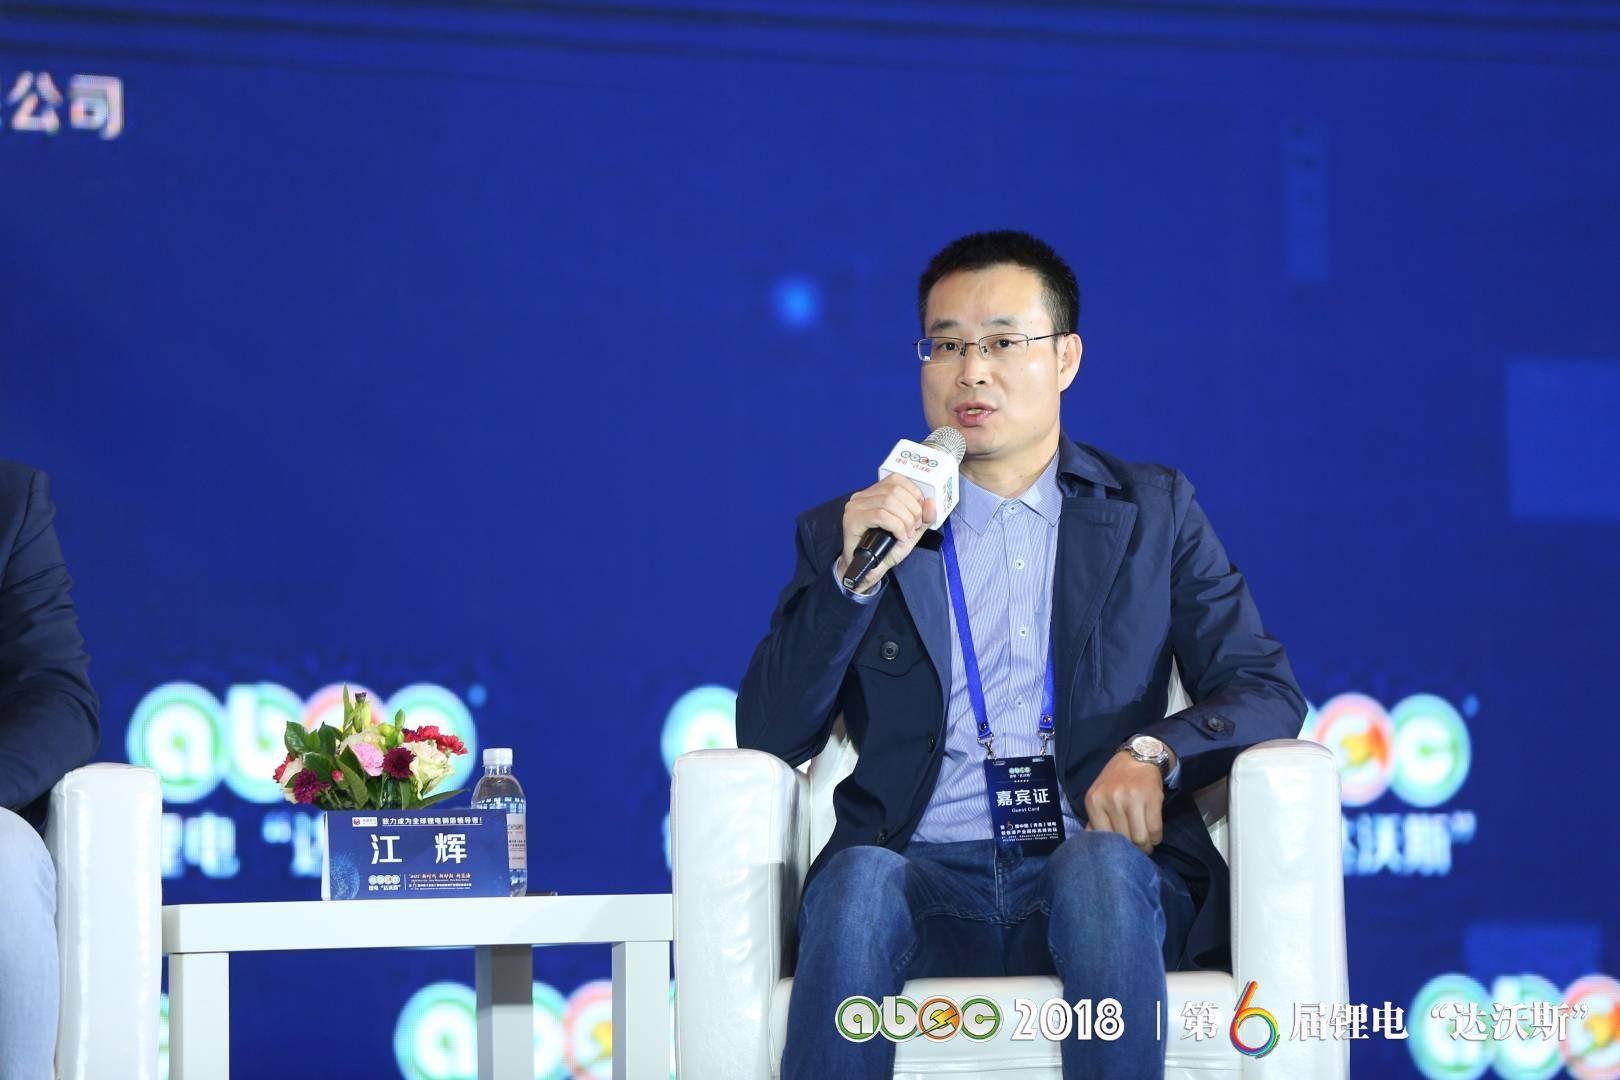 深圳市雄韬电源科技股份有限公司EV事业部总经理江辉